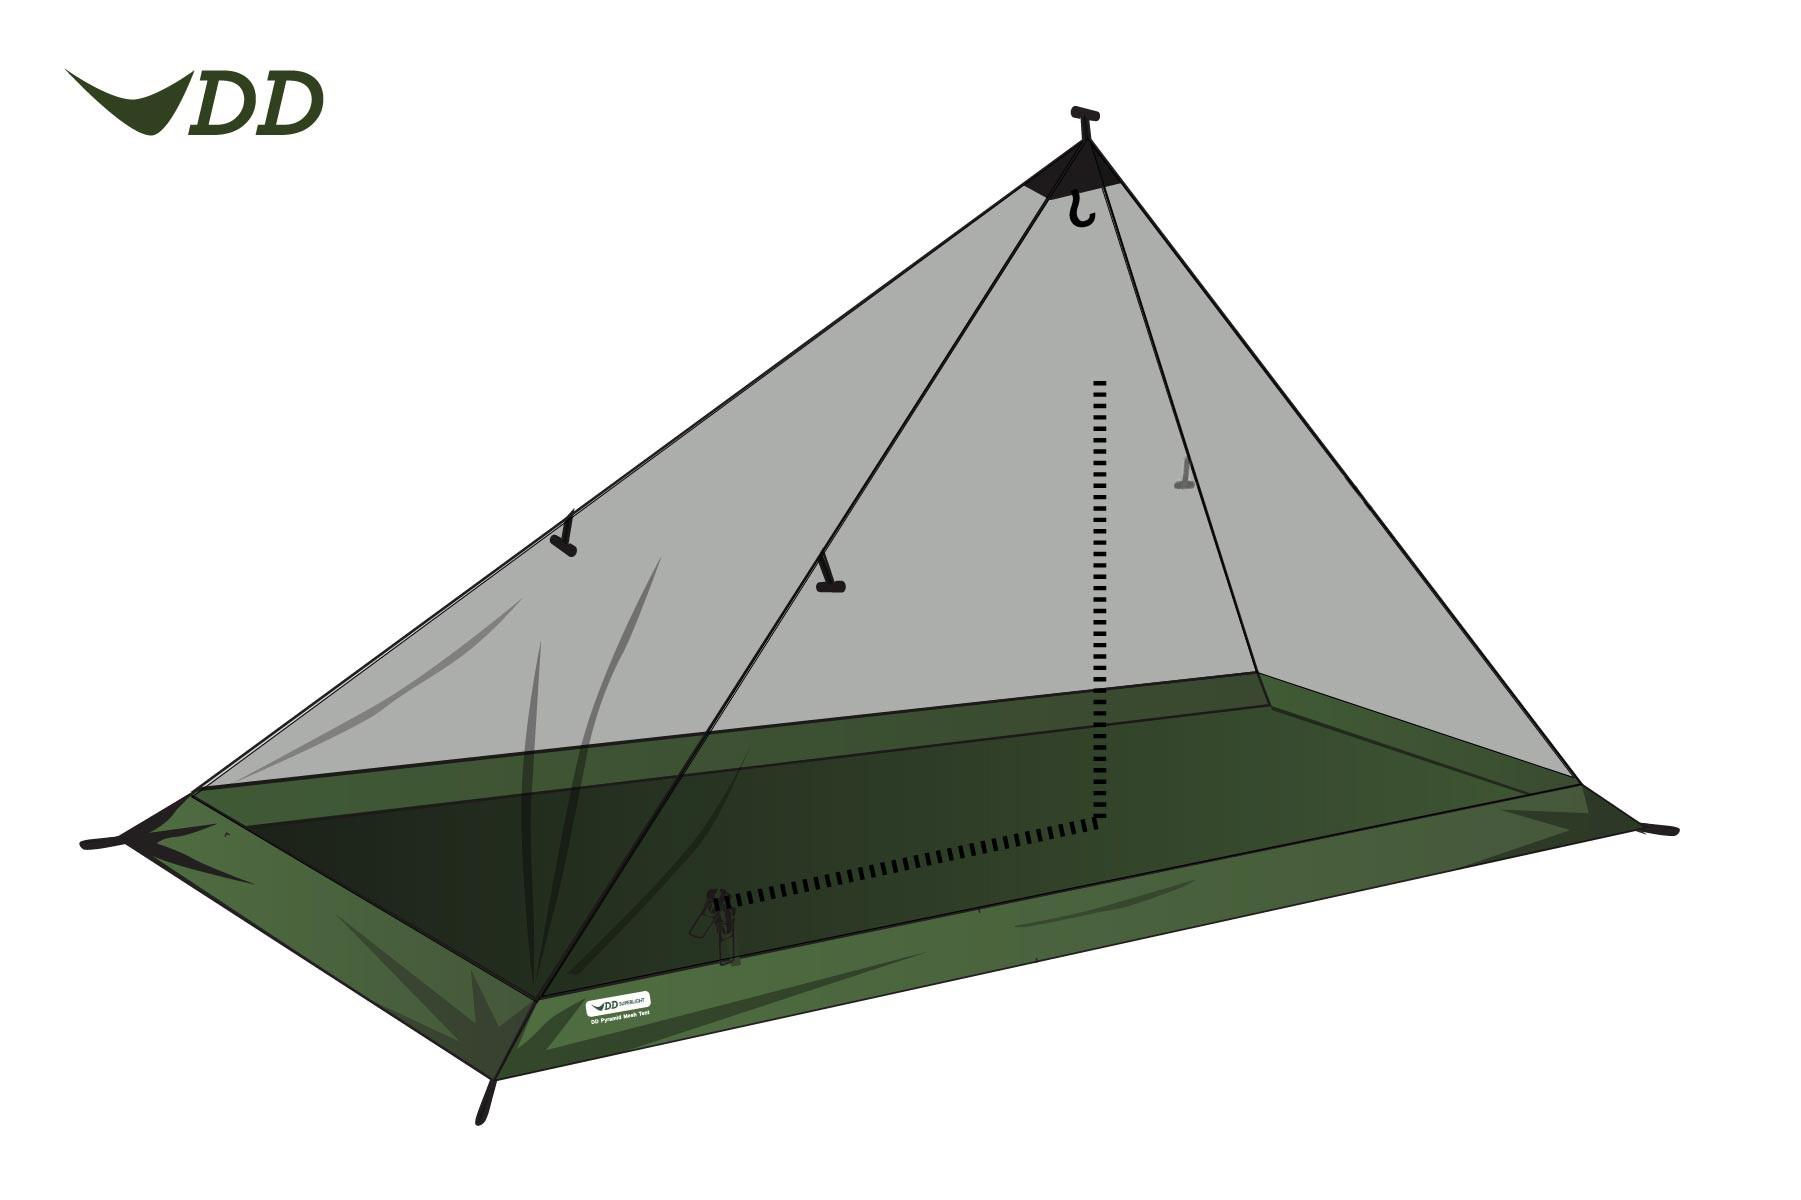 DD Hammocks Superlight Solo Mesh Tent